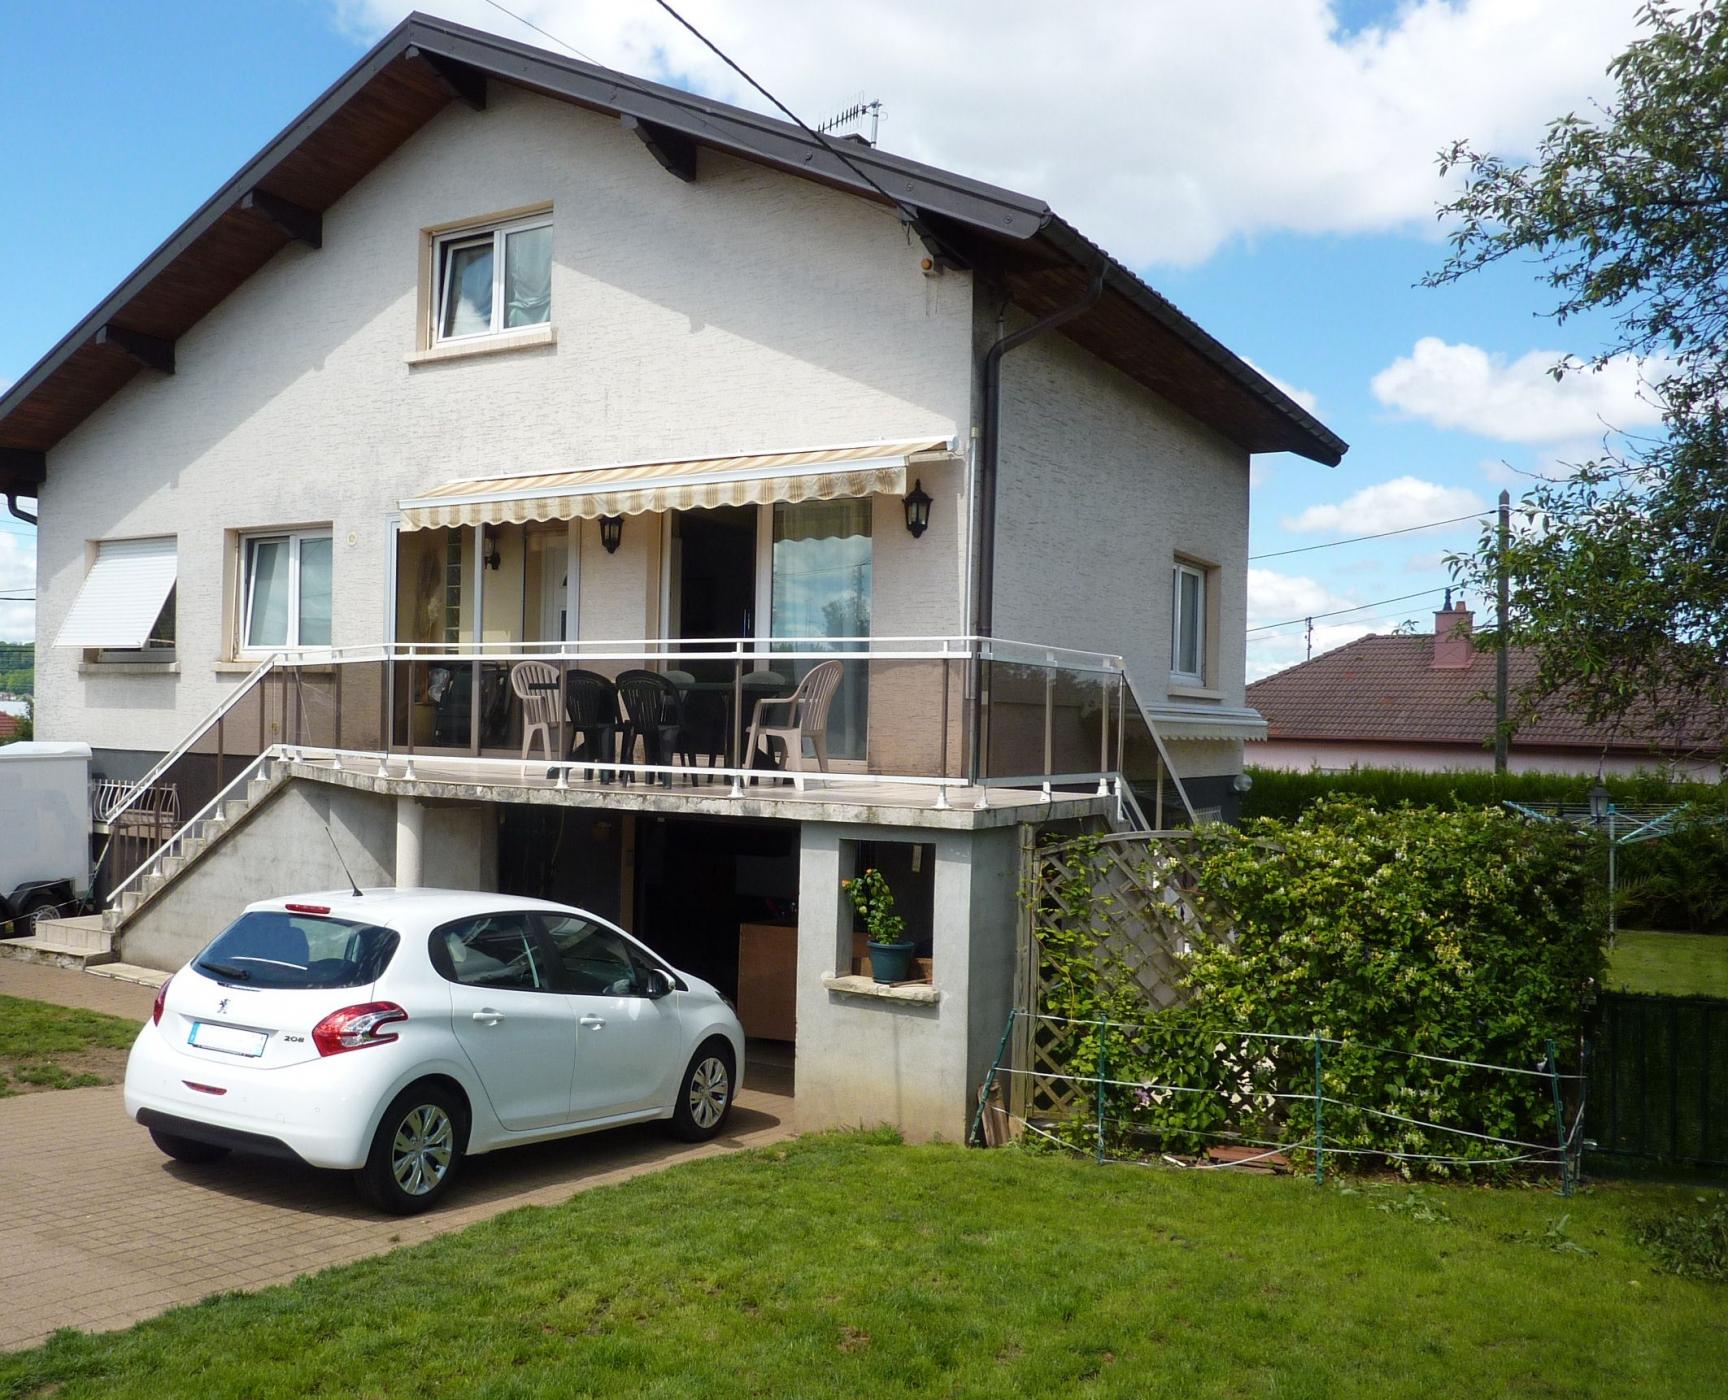 Annonce location maison exincourt 25400 110 m 977 for Annonces location maison